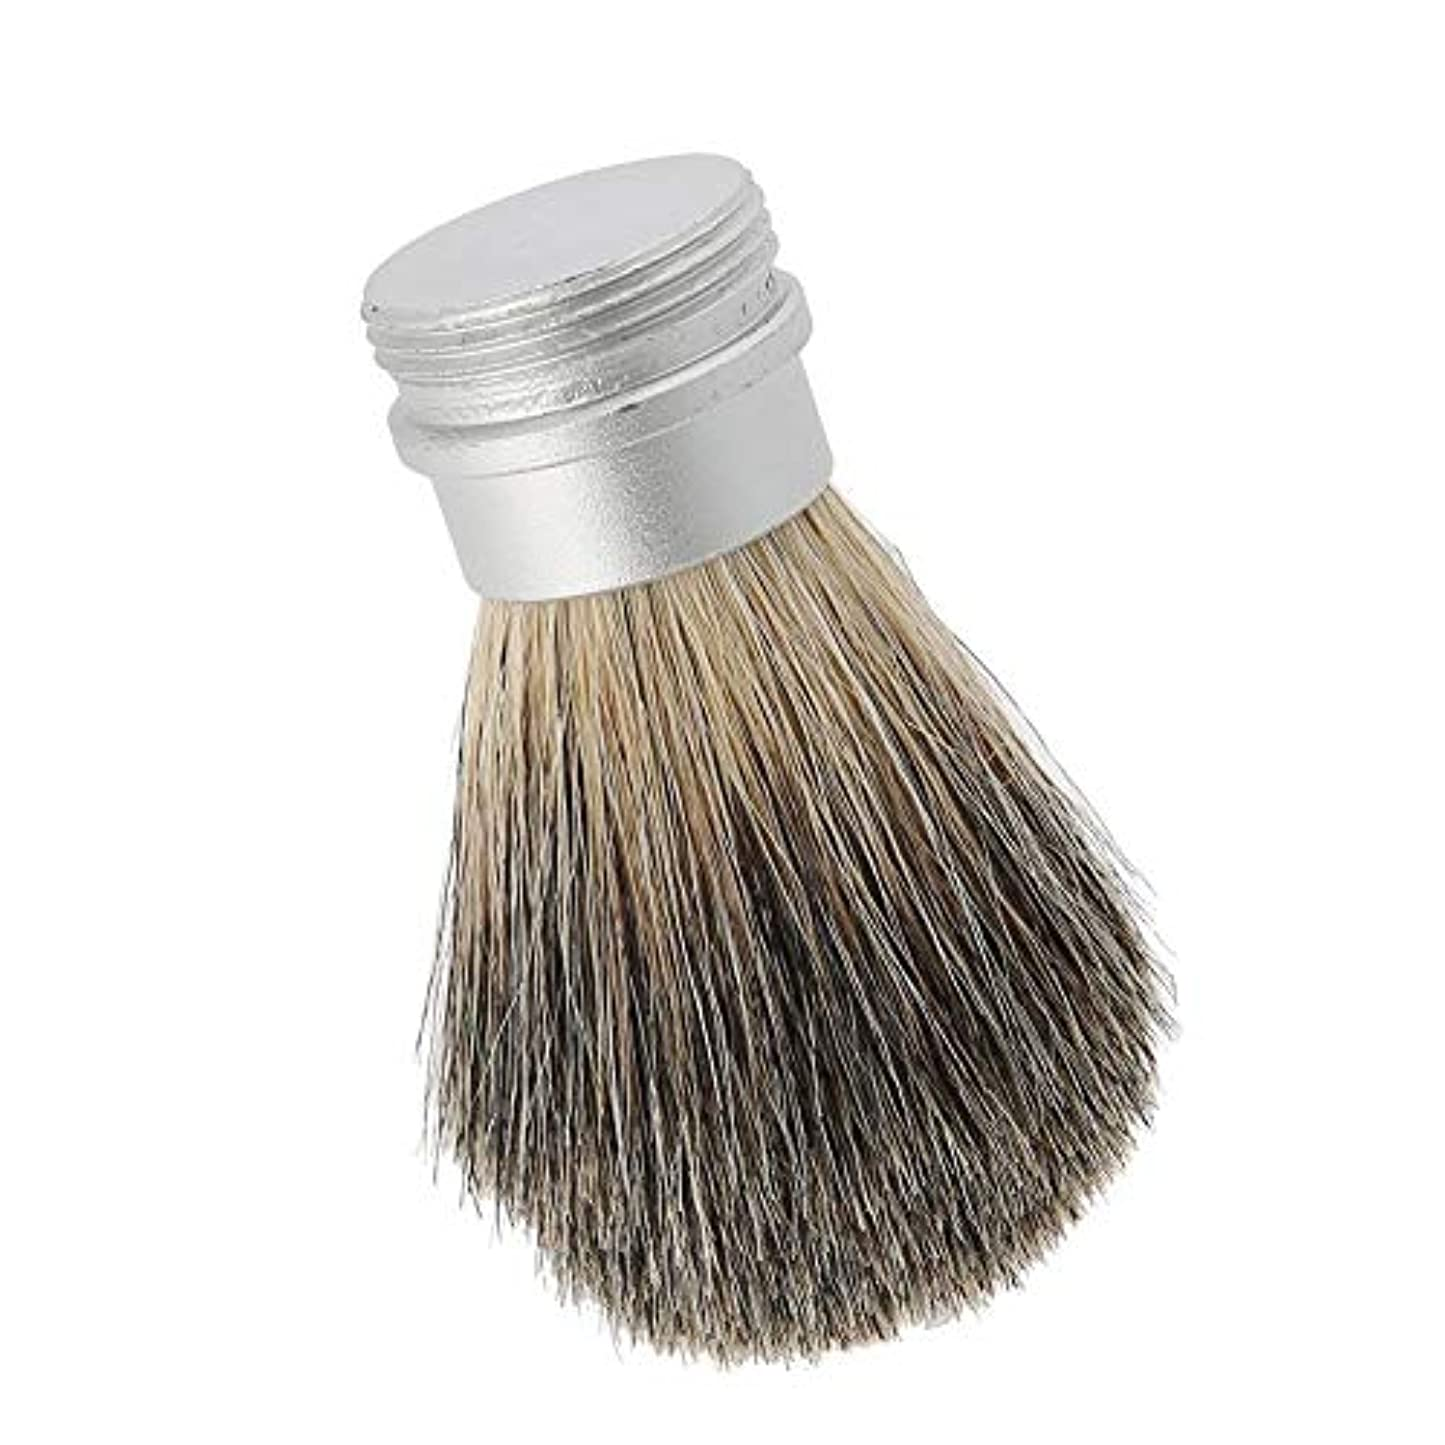 意外ファシズム輸送ひげブラシひげ剃りツールポータブルひげブラシ男性のための最高のヘアブラシ口ひげブラシ